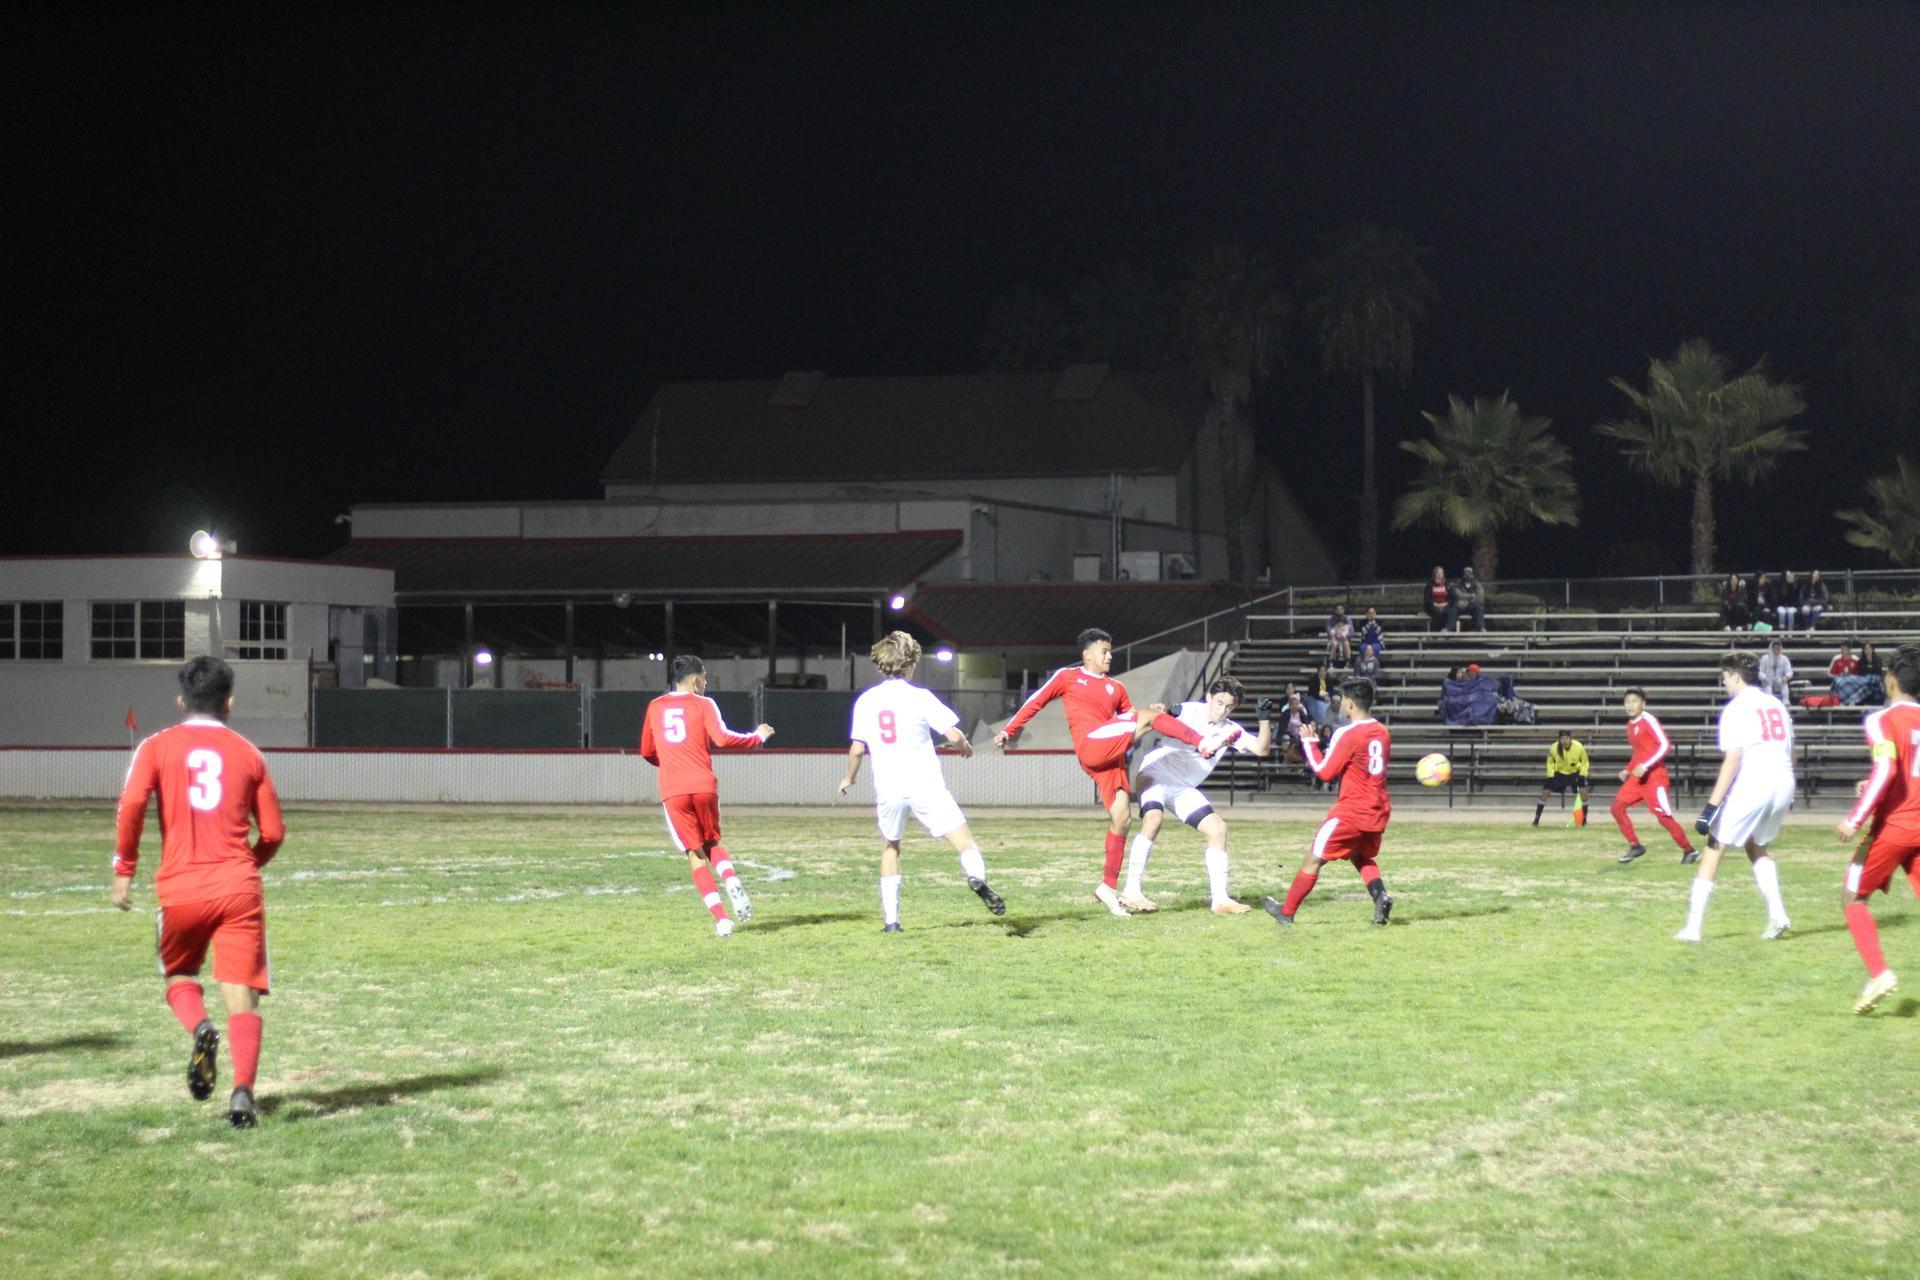 Antonio Ochoa kicking